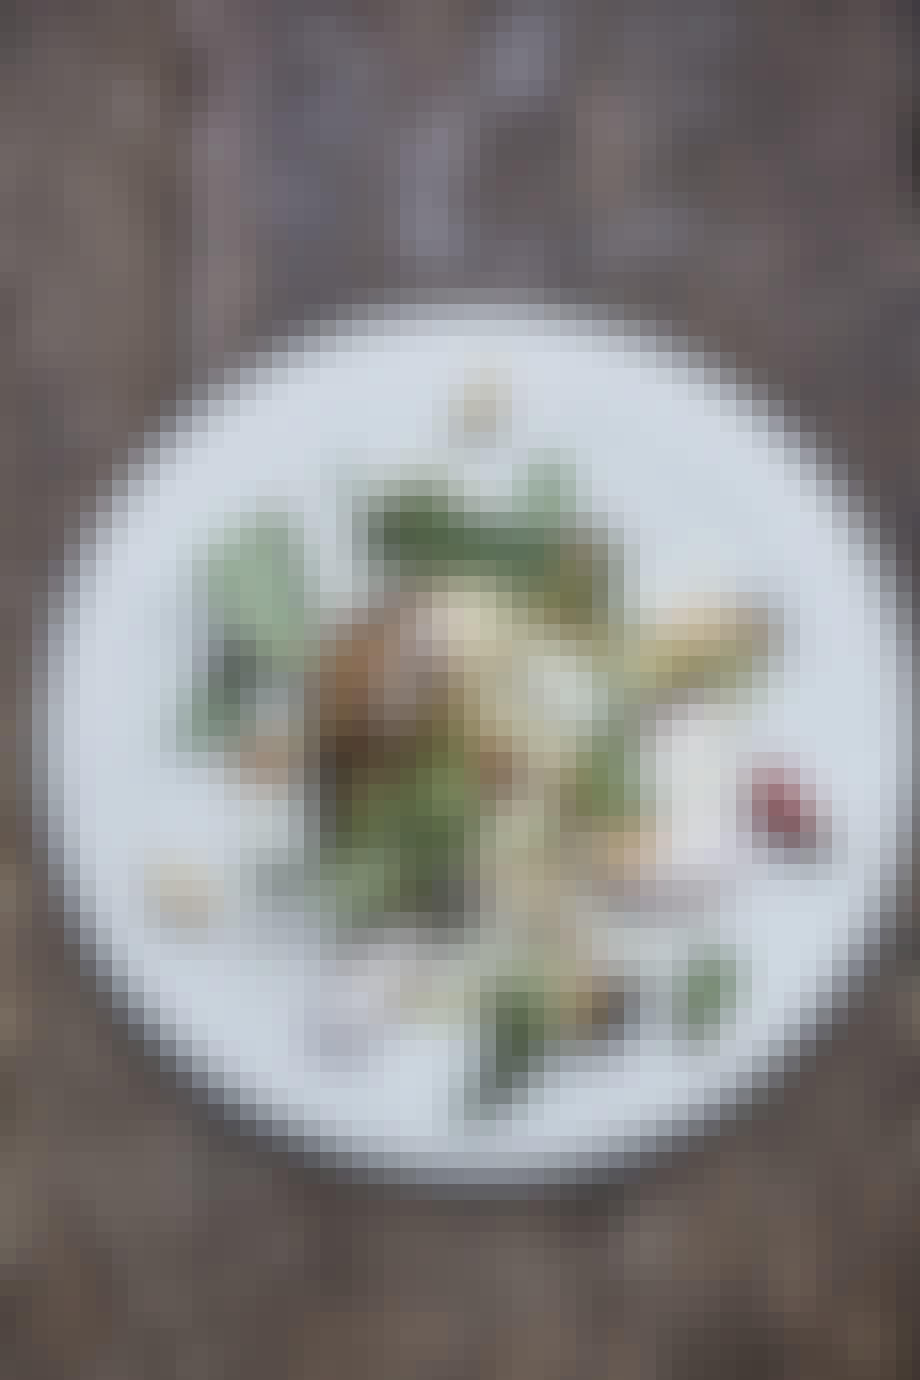 Blomkål bagt i krydderurter